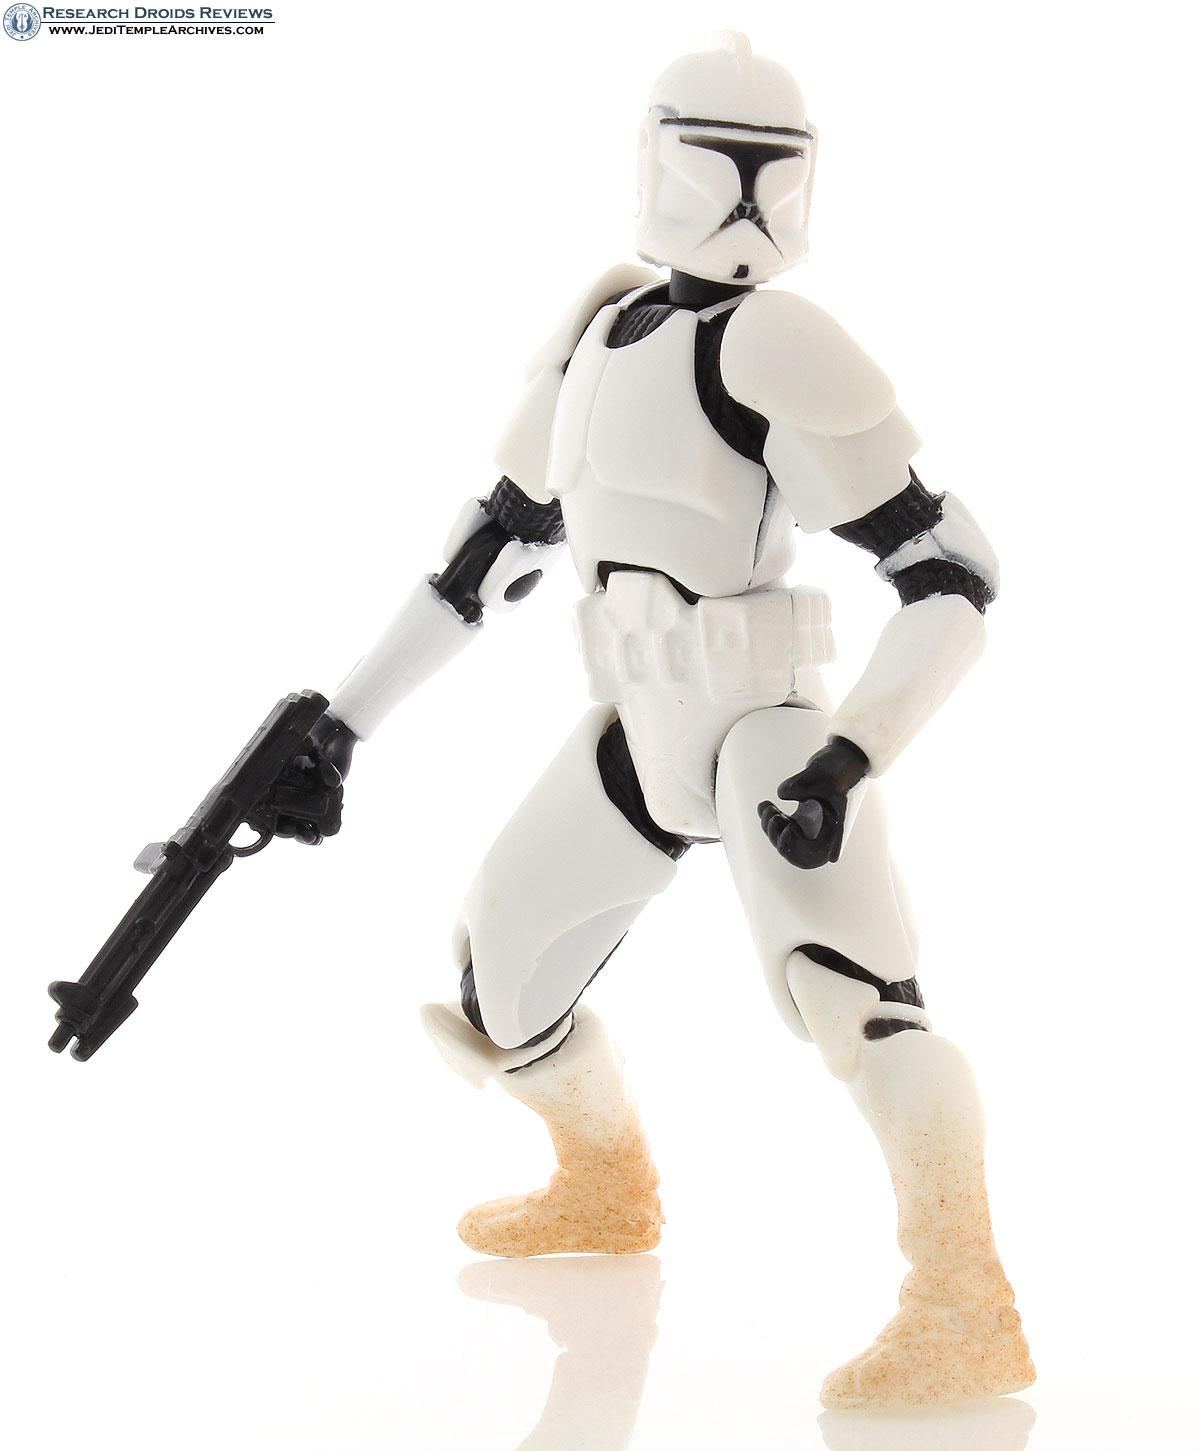 Clone Trooper (with Speeder Bike)